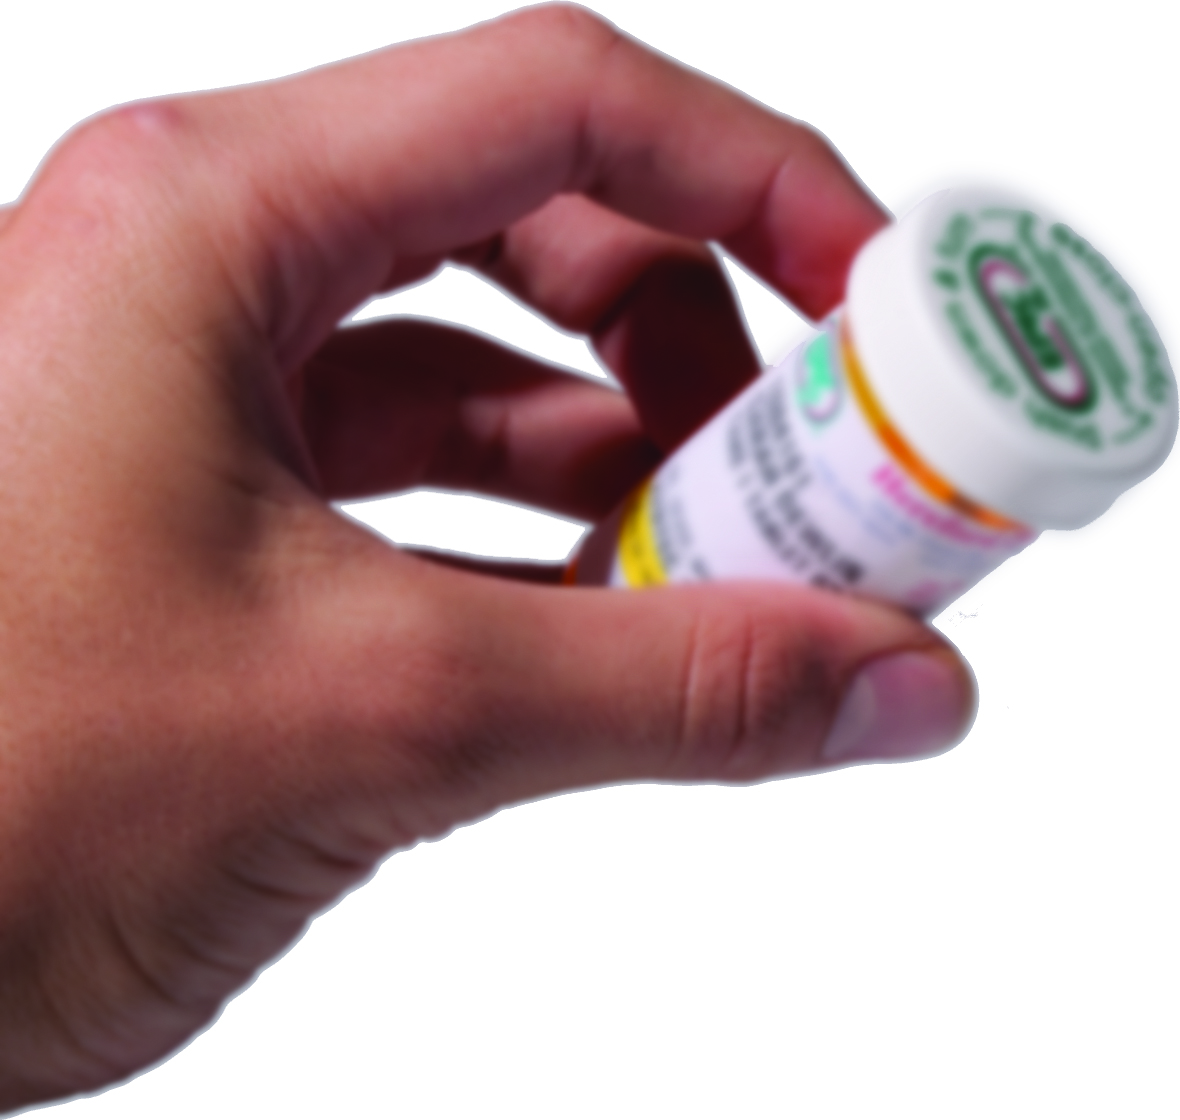 Man holding a medicine bottle